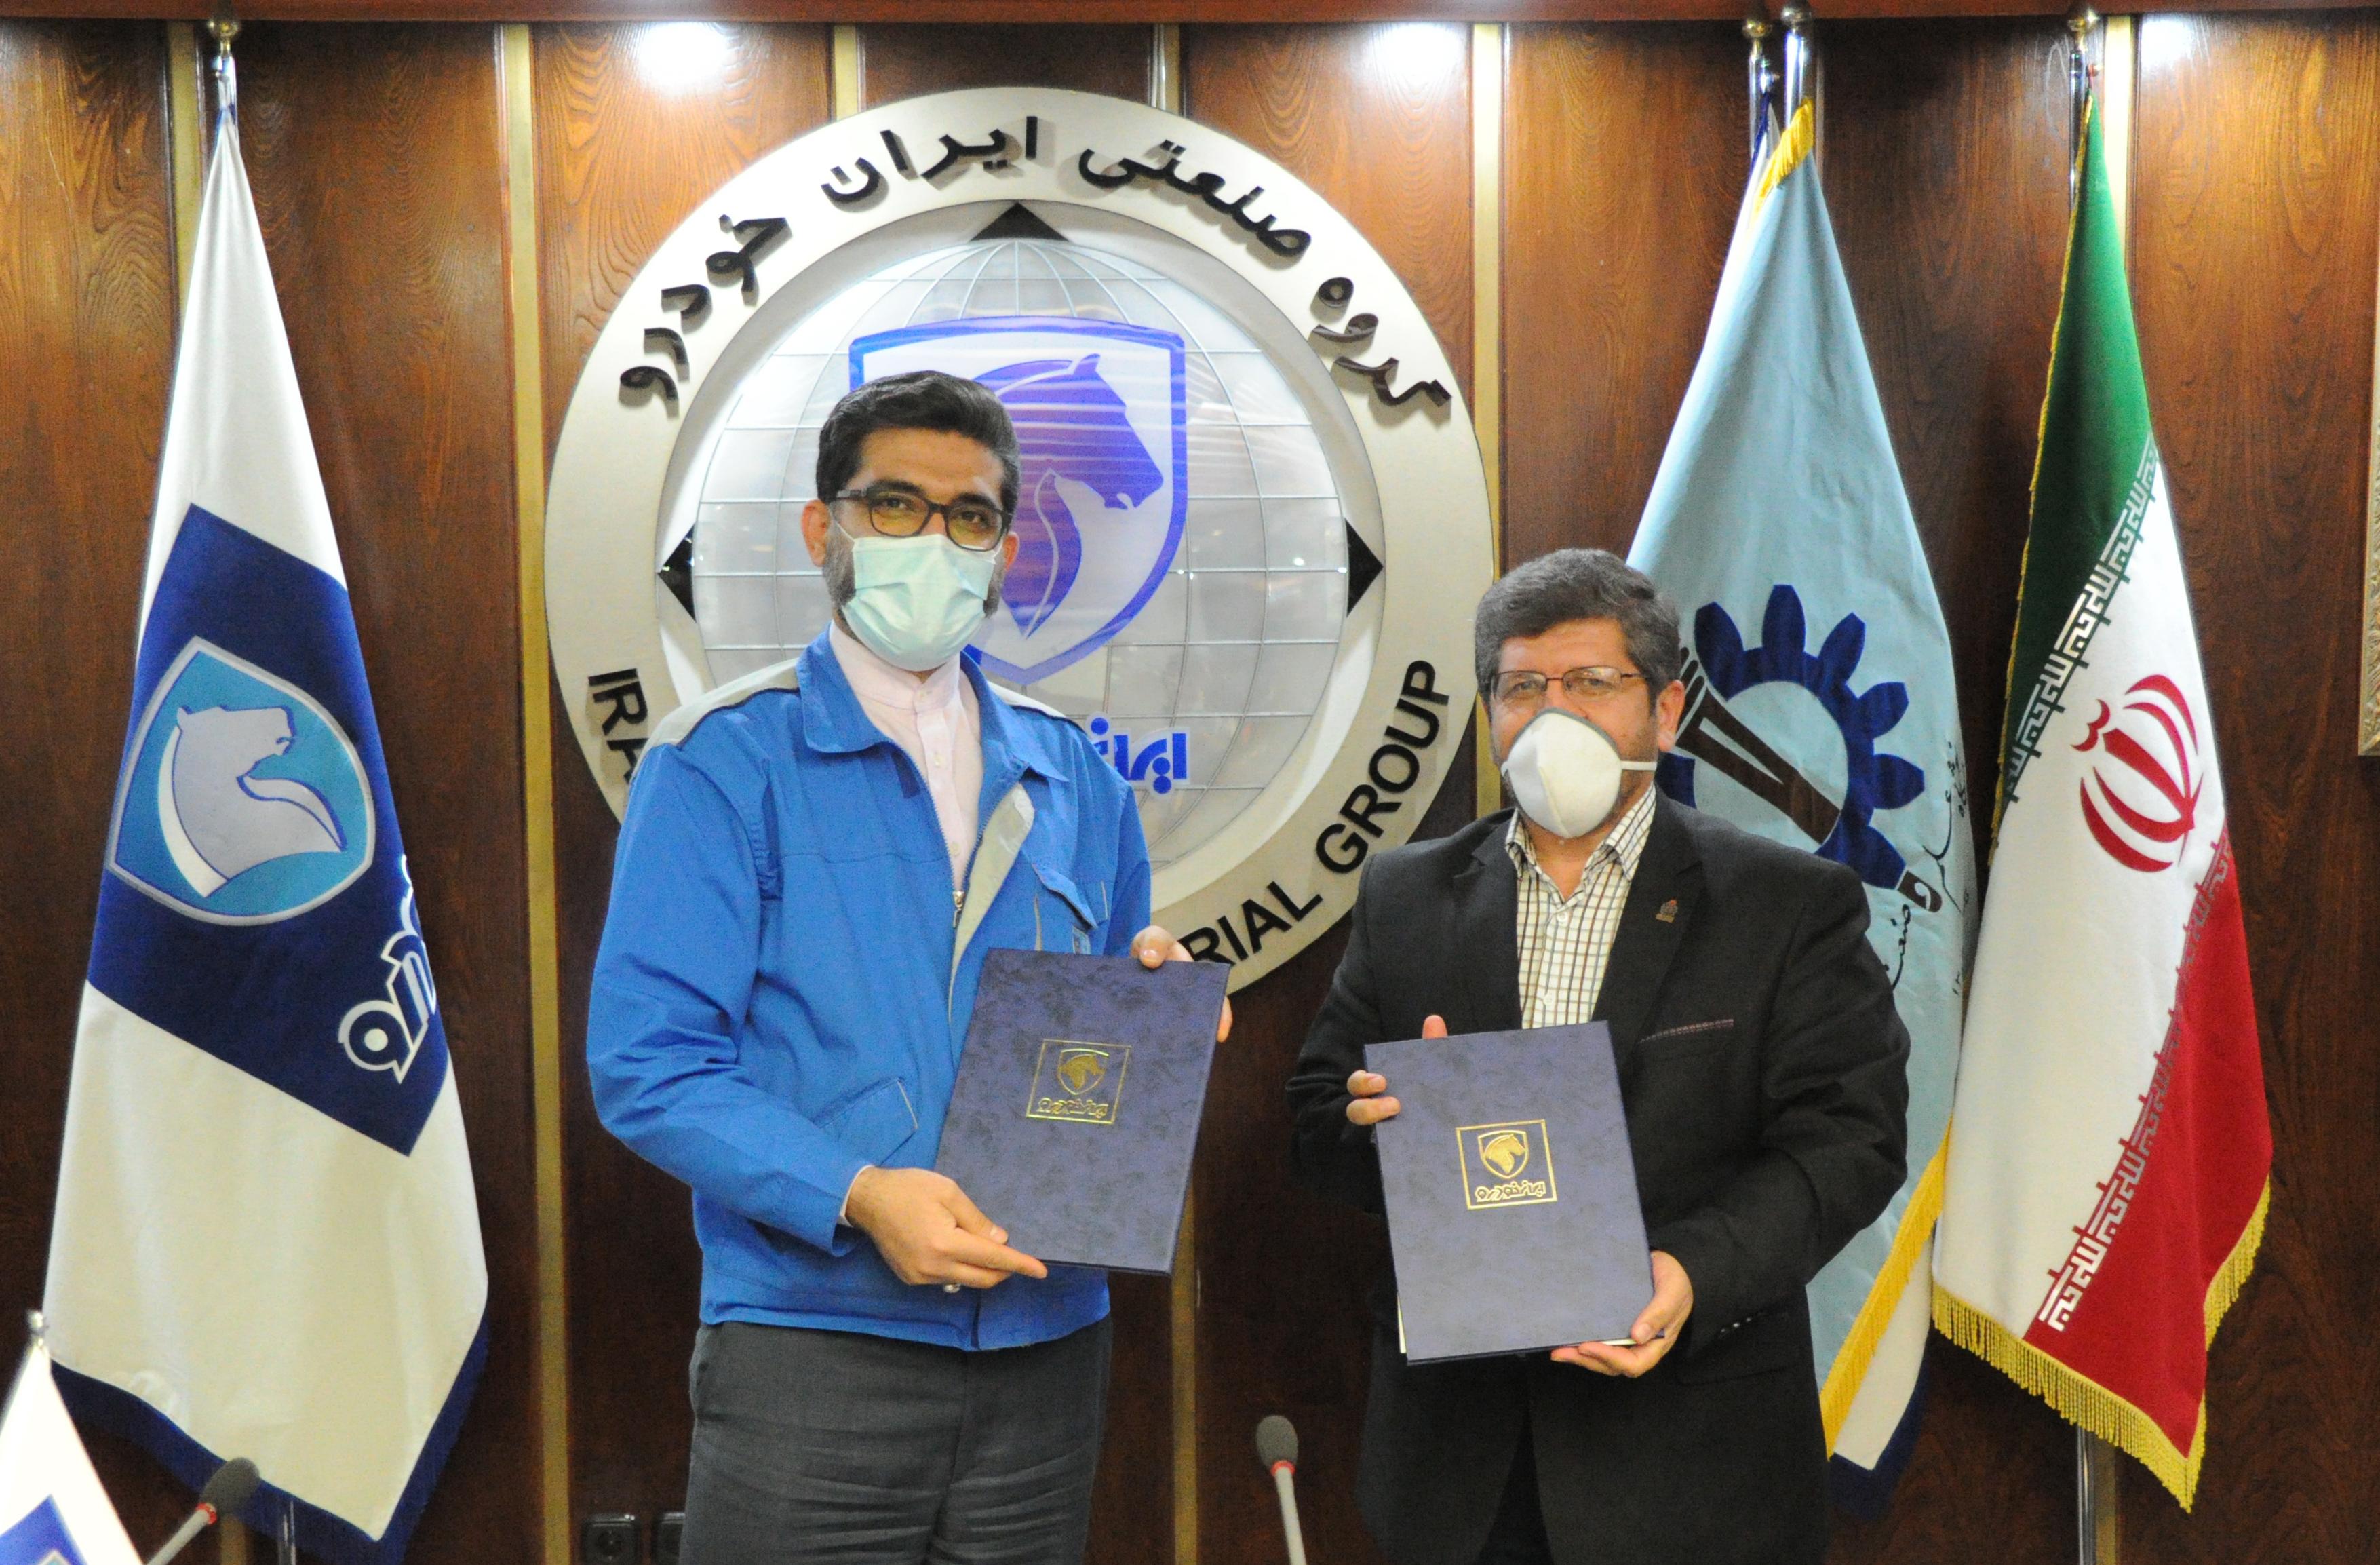 تفاهم نامه همکاری ایران خودرو با دانشگاه علم و صنعت ایران امضا شد